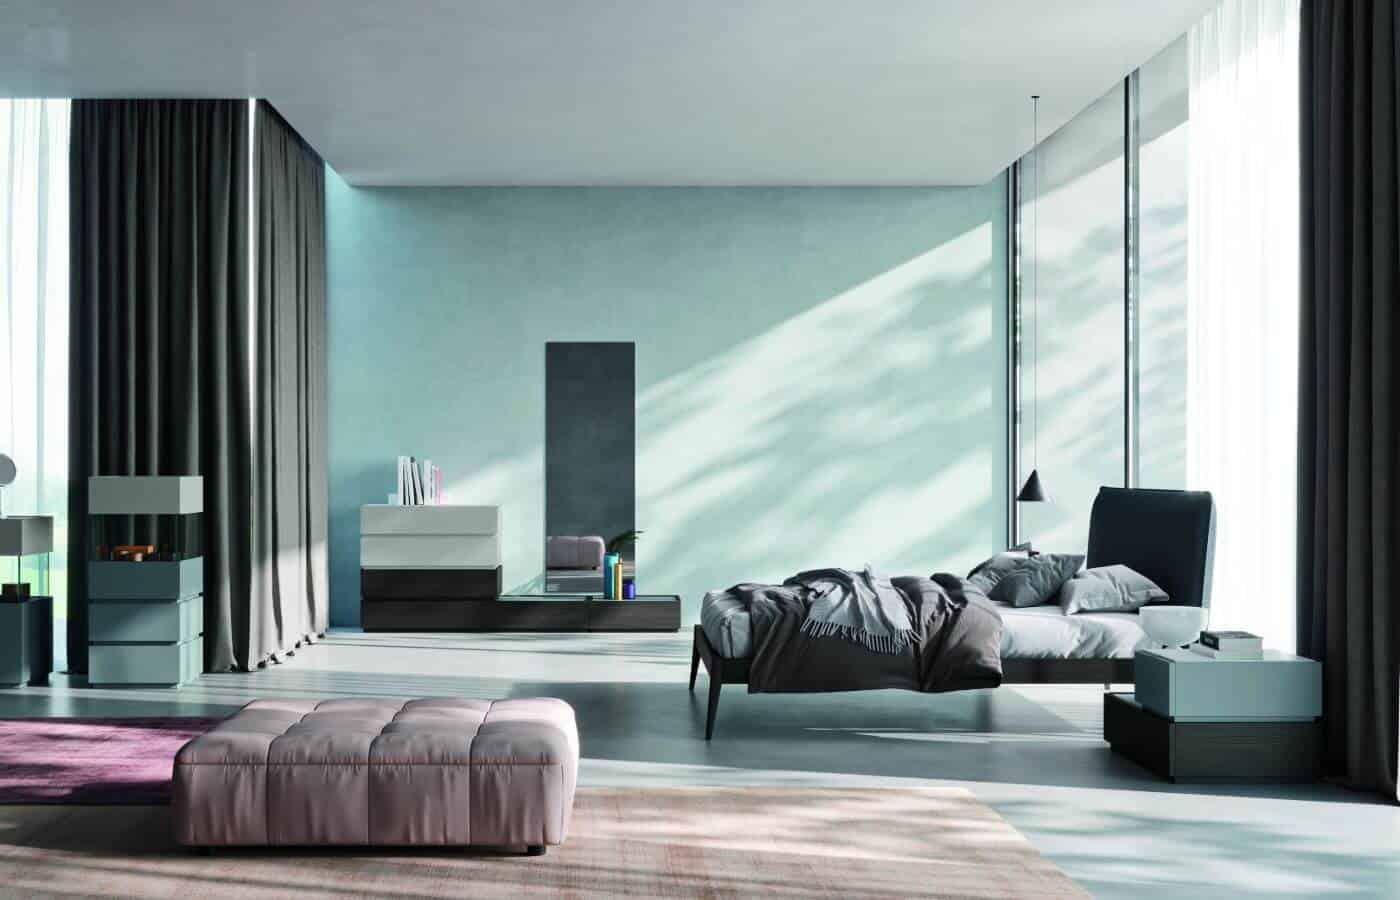 zona-notte-gruppo-letto-collezione-pechino-il-mobile (1)